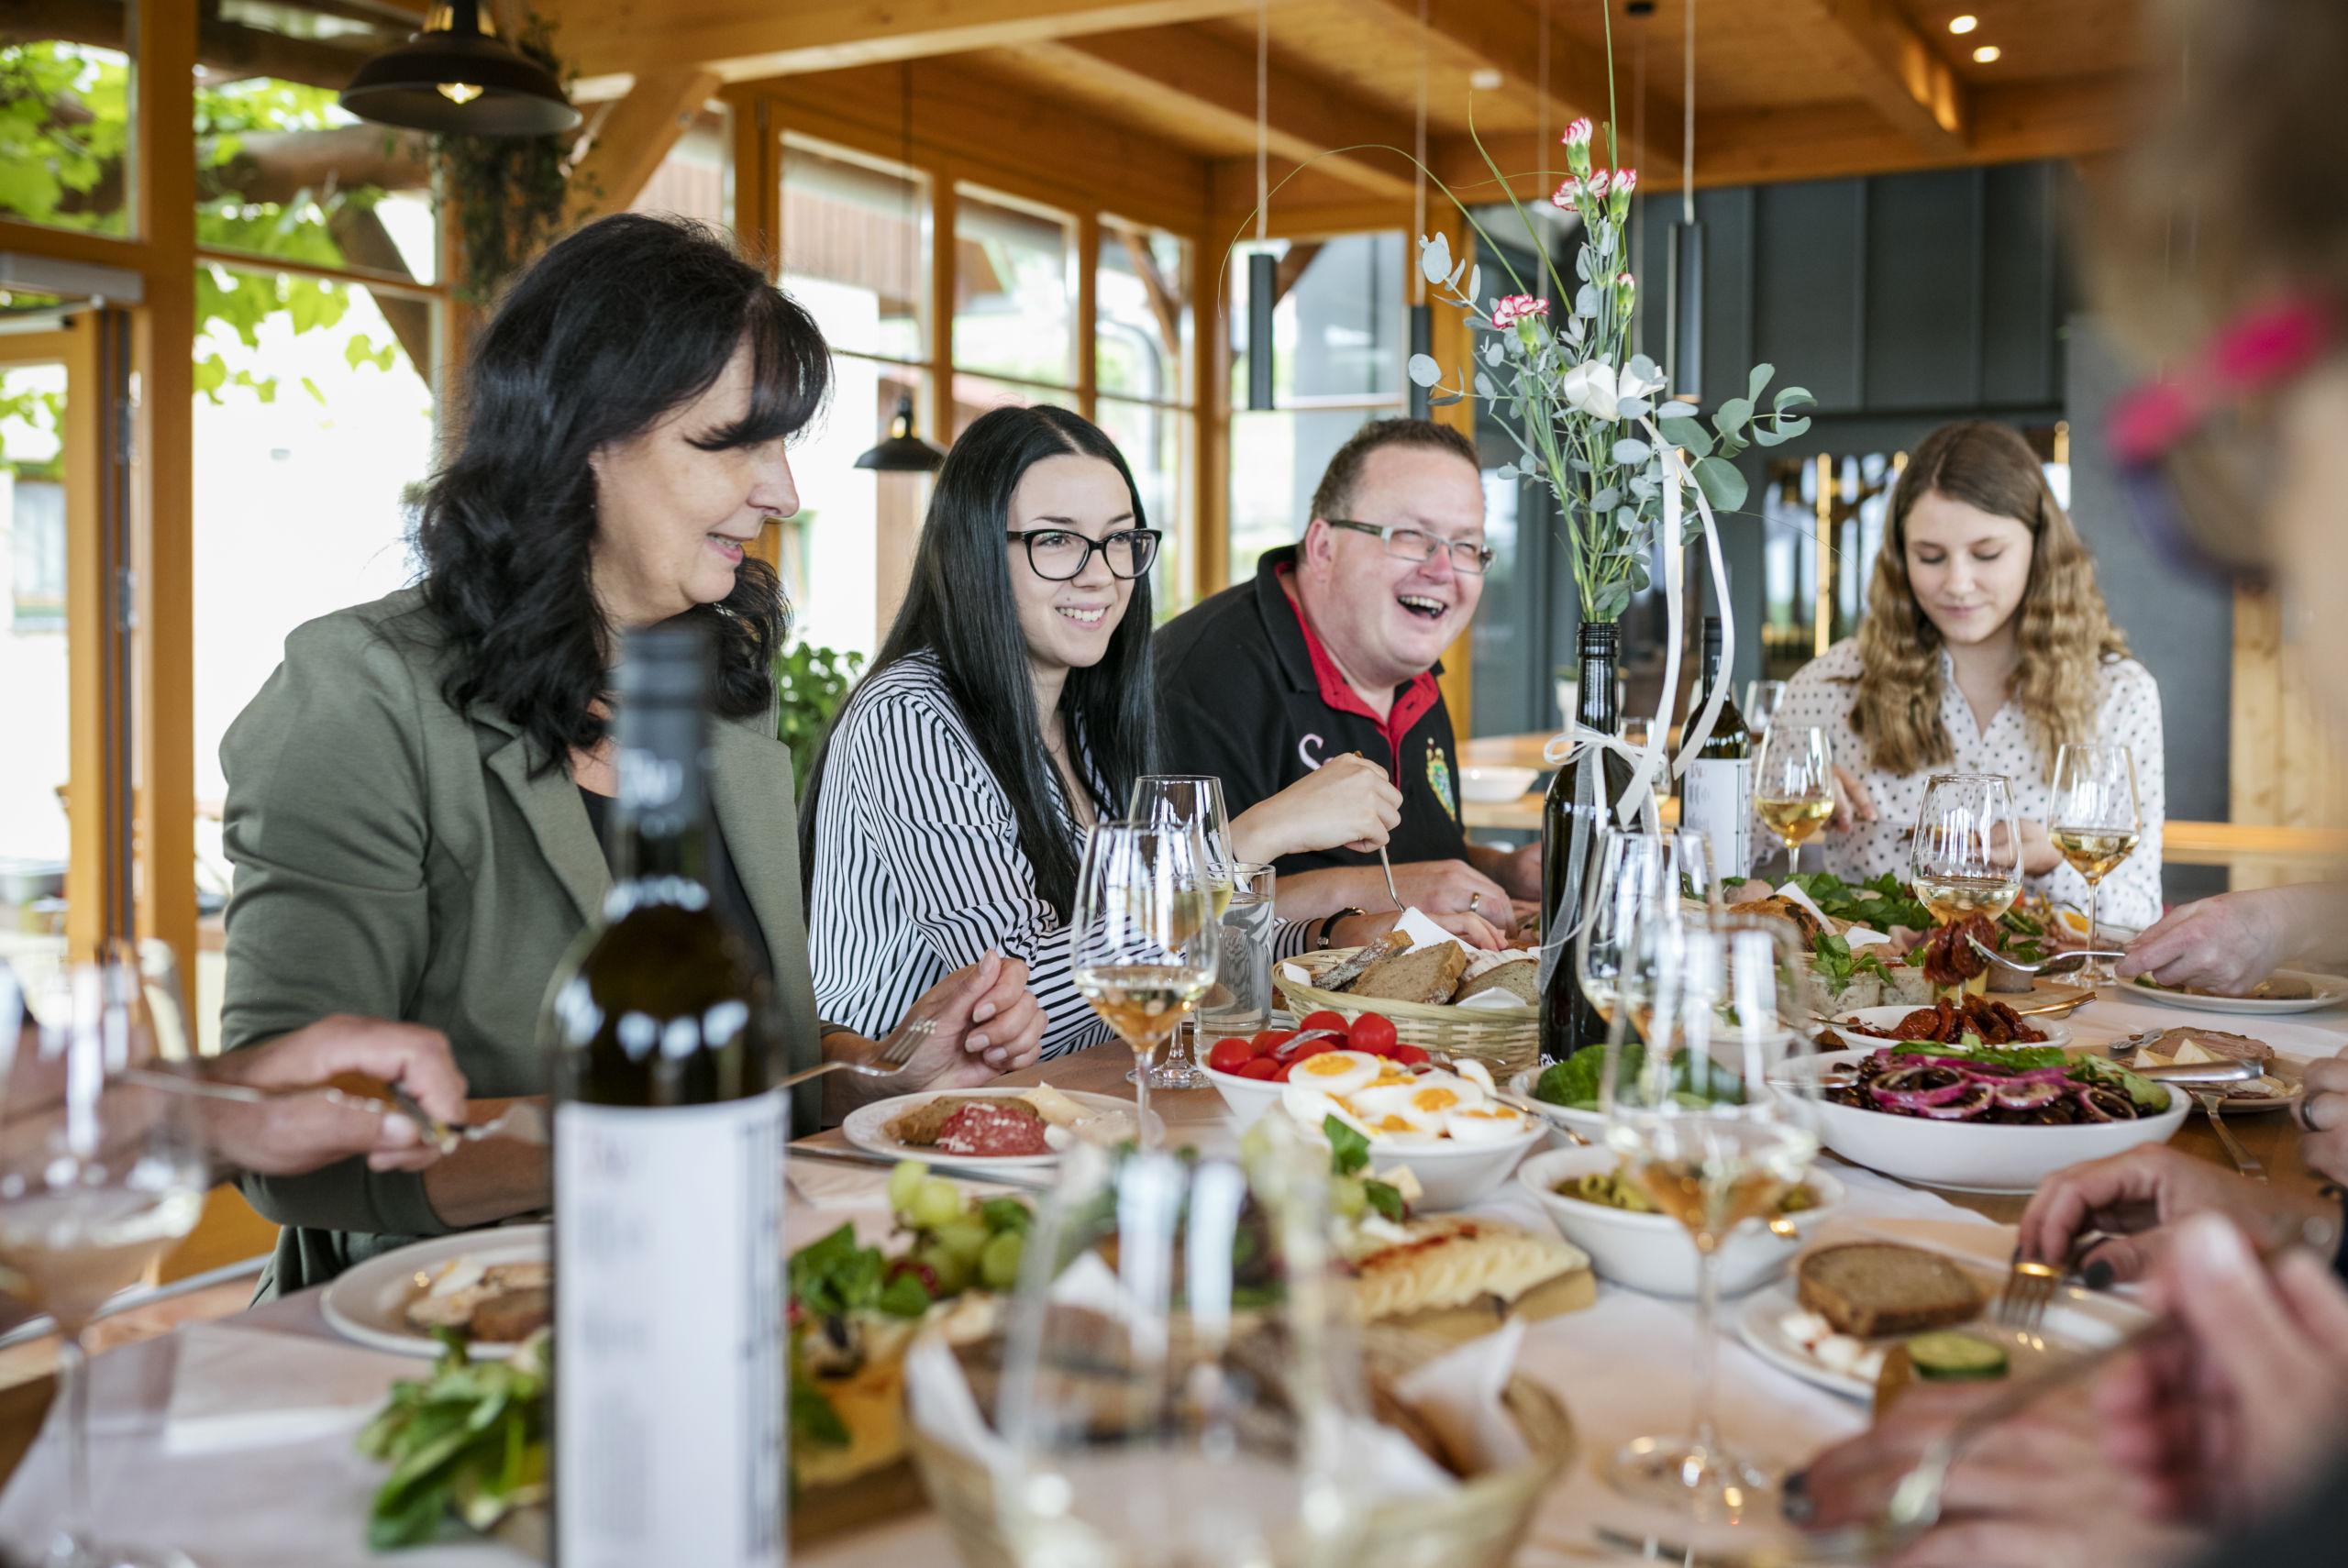 Sie sehen Gäste essen in der Vinothek & Genussladen im JUFA Hotel Tieschen – Bio-Landerlebnis. Der Ort für kinderfreundlichen und erlebnisreichen Urlaub für die ganze Familie.